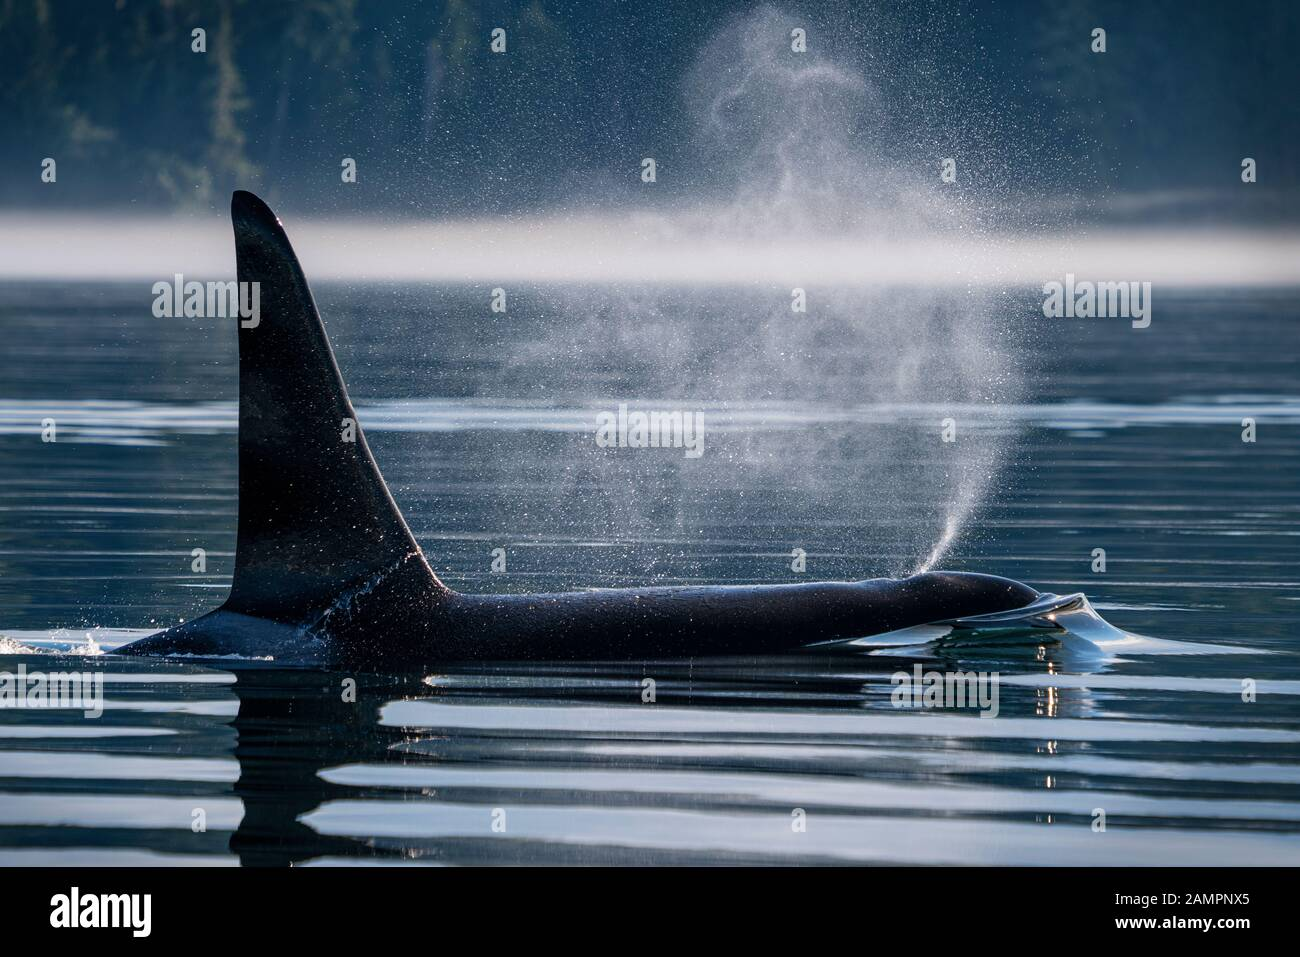 A66 - Surf - Familia: A22's. Ballena asesina masculina residente en el norte (Orcinus orca), estrecho de Johnstone en la isla de Vancouver, Columbia Británica, Canadá. Foto de stock